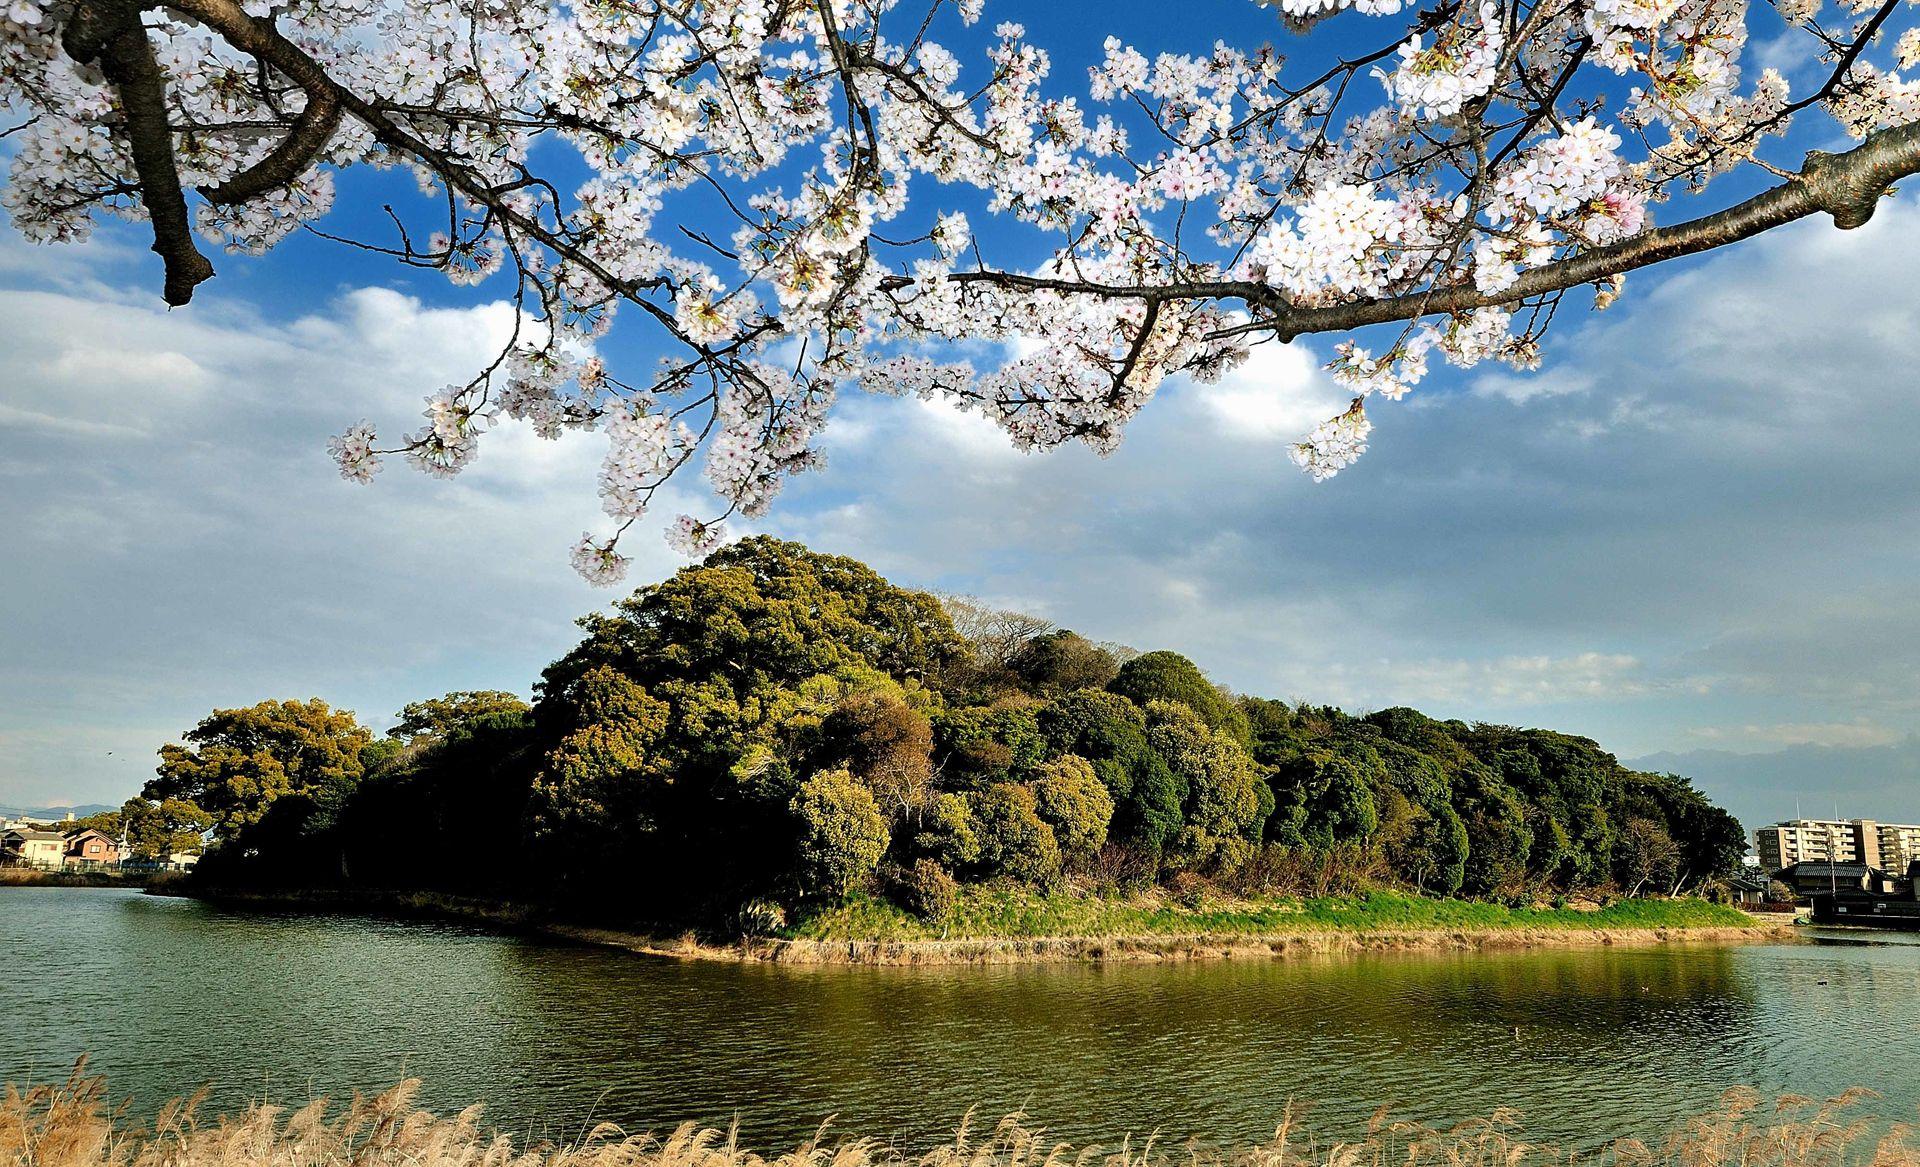 Gobyoyama Kofun, one of the Mounded Tombs of Ancient Japan (Image: Toshiyuki Yasuda)